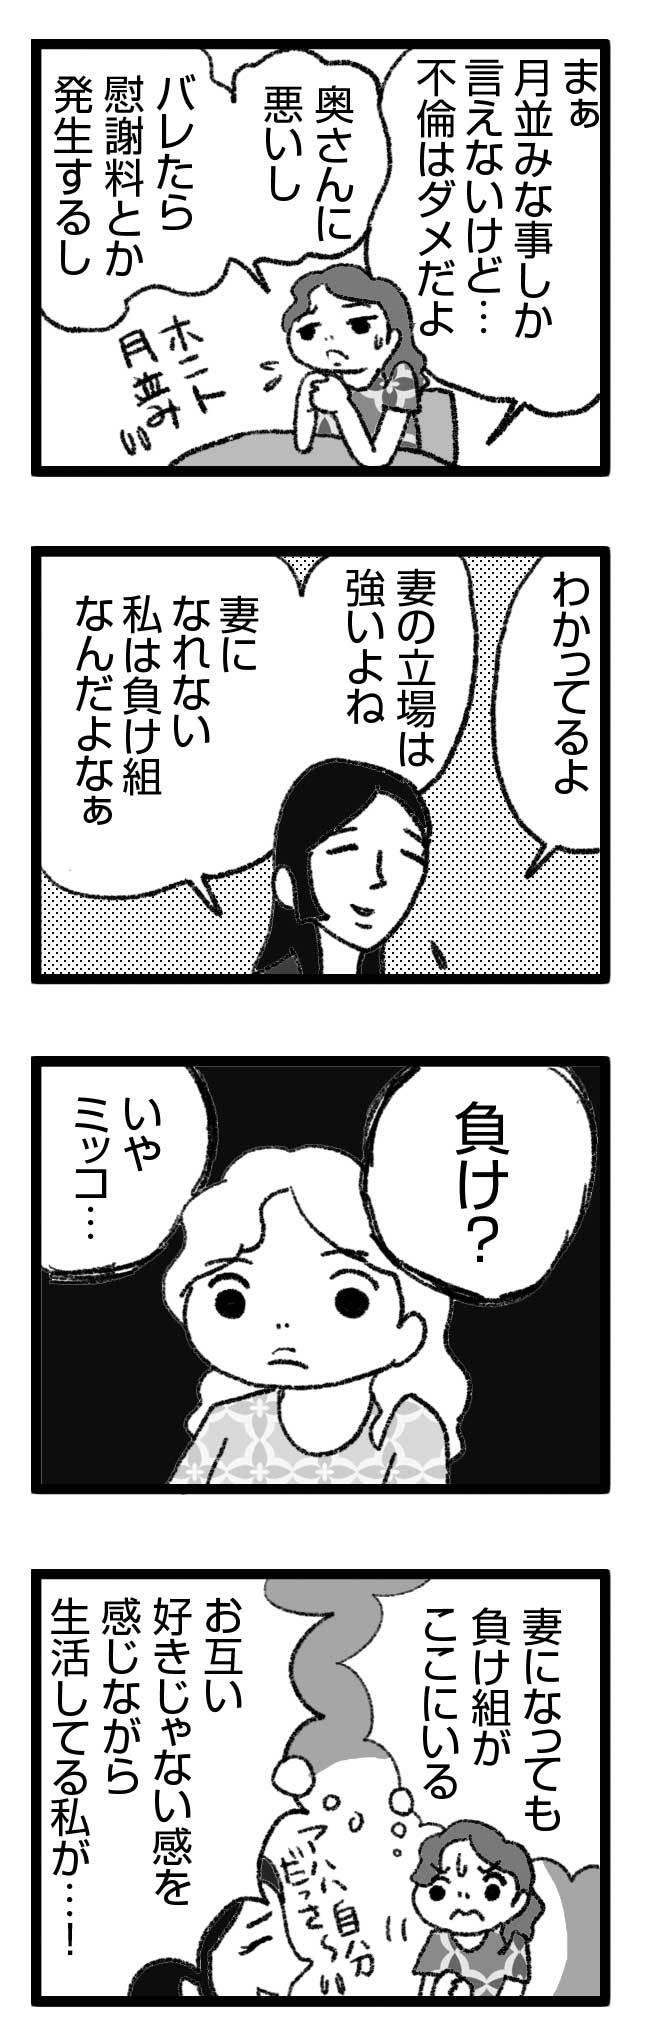 238 不倫と負け婚5 婚活 恋活 不倫 元彼 職場 ふりん まんが 漫画 マンガ